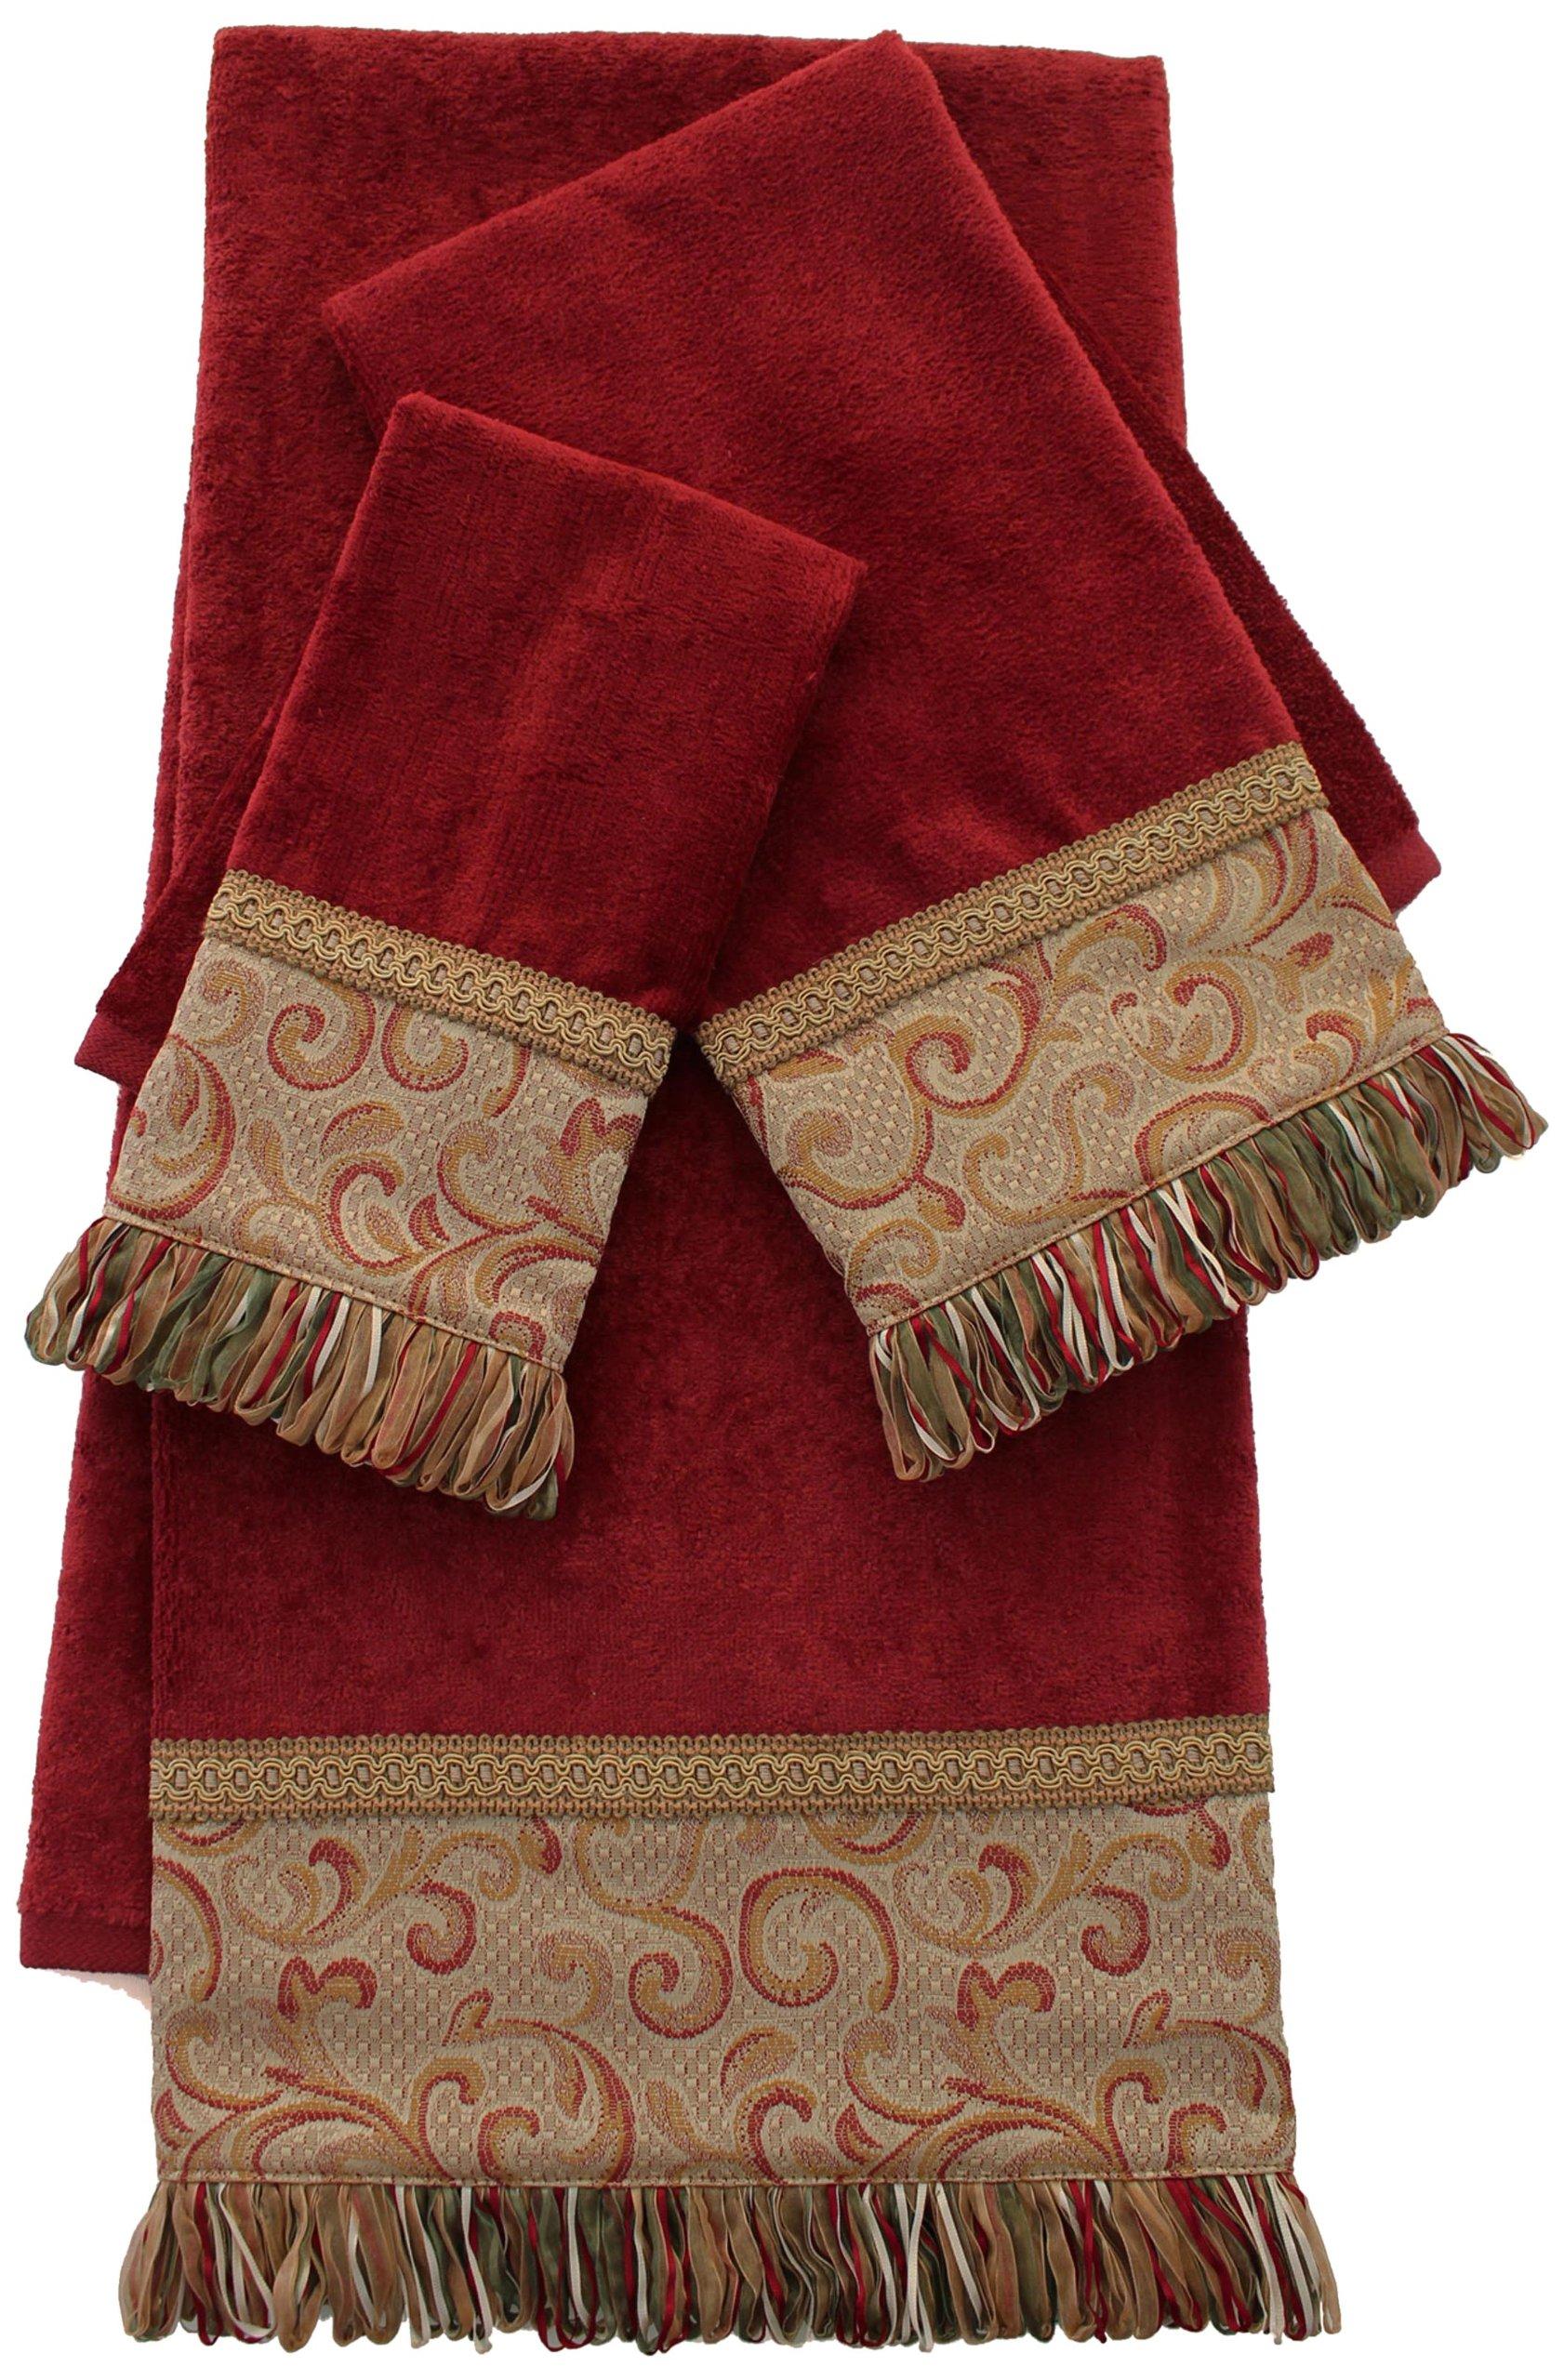 Sherry Kline Swirl Paisley 3-Piece Decorative Towel Set, Red